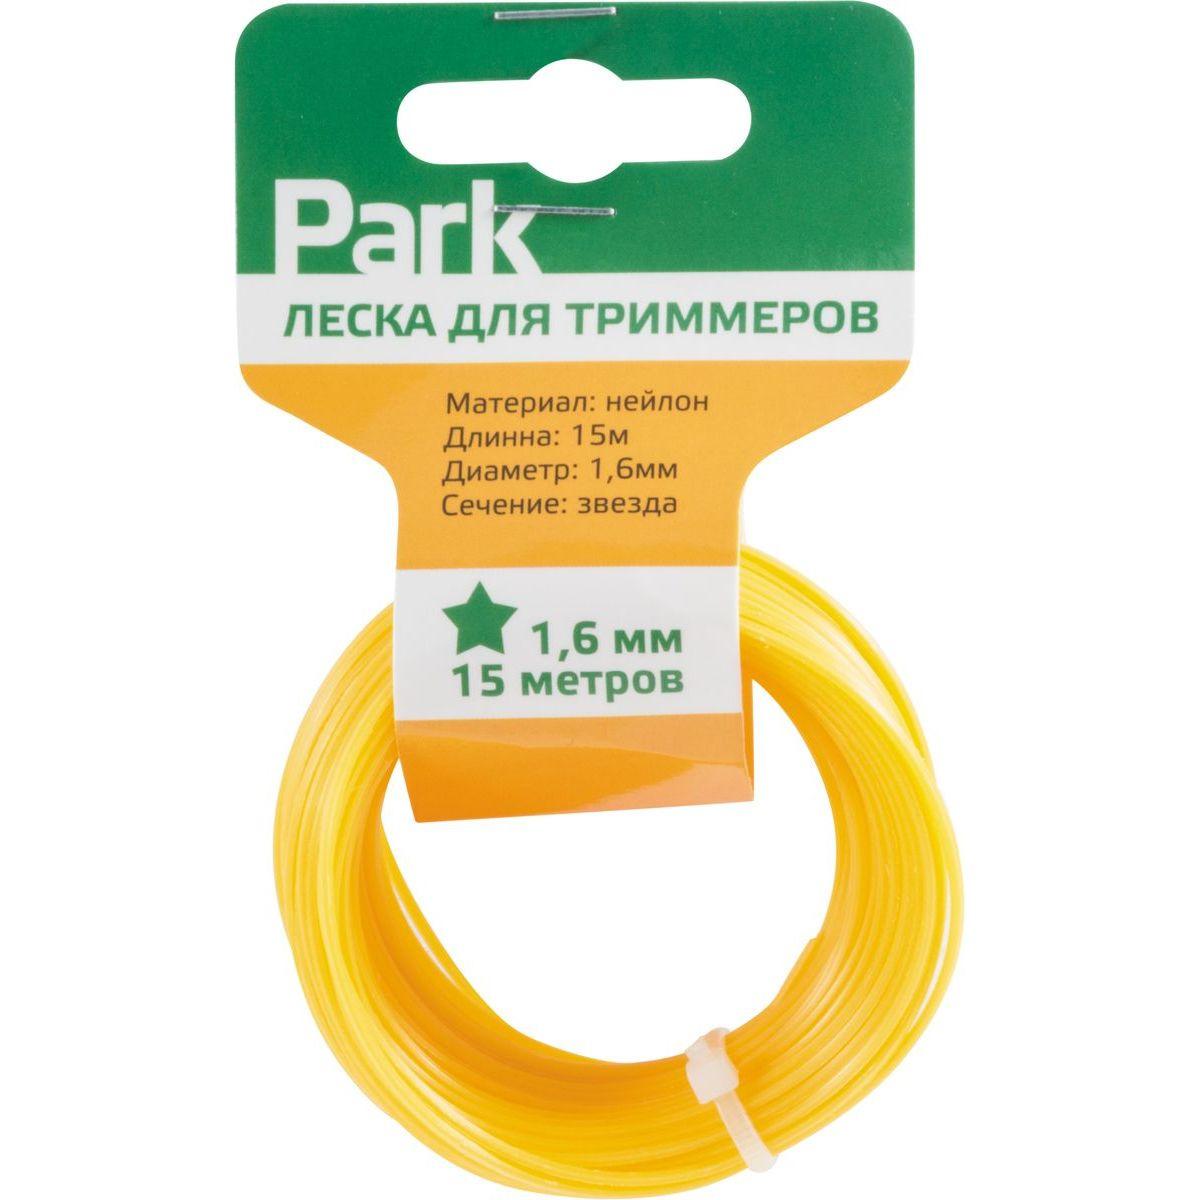 Леска для триммеров Park, звезда, 990589, желтый, 1,6 мм, 15 м